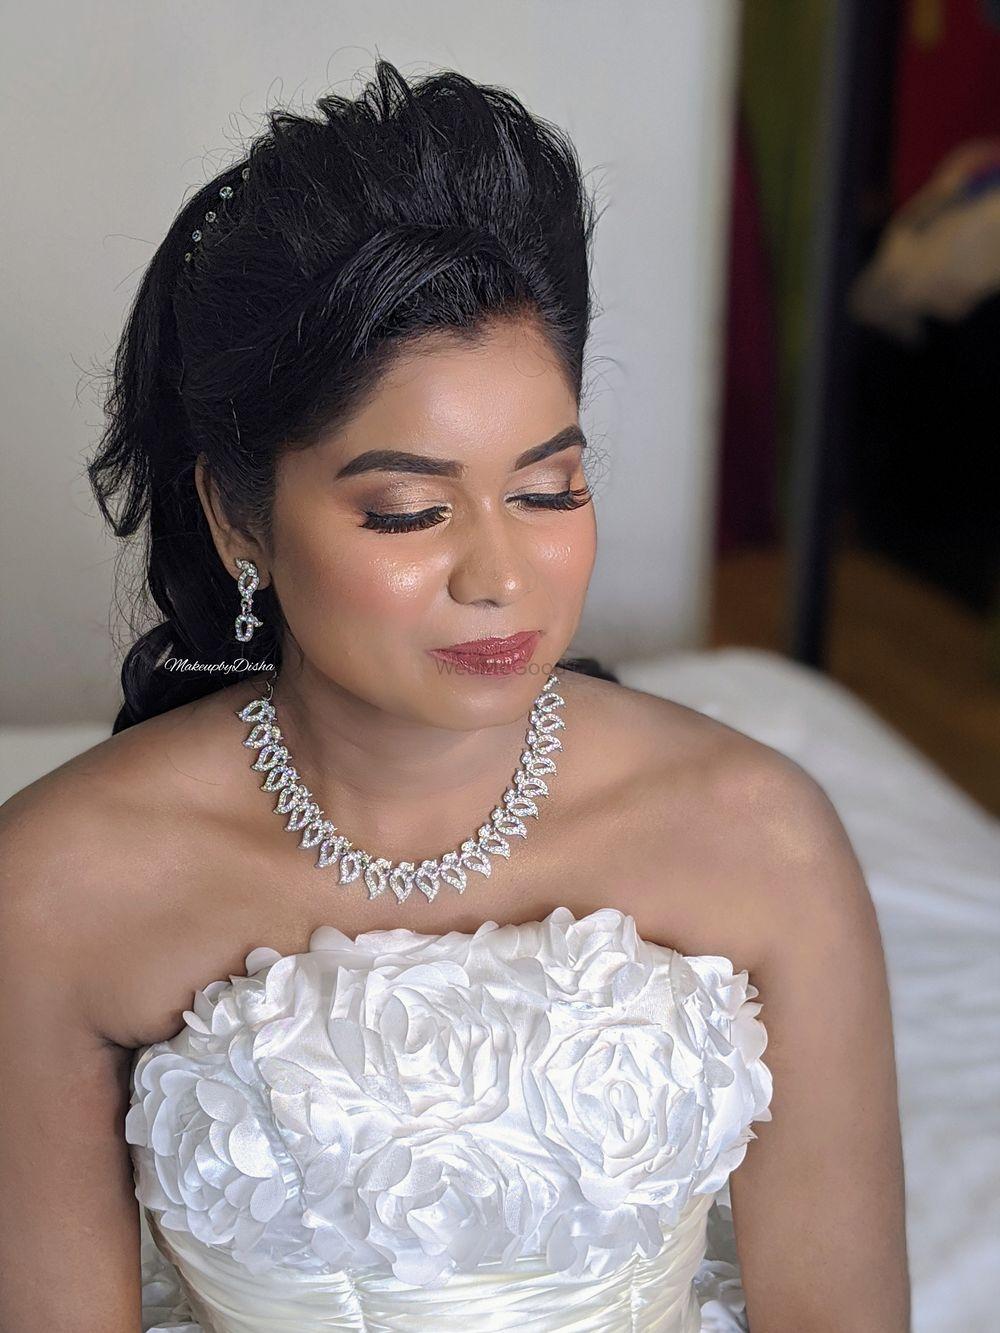 Photo By Makeup by Disha - Bridal Makeup